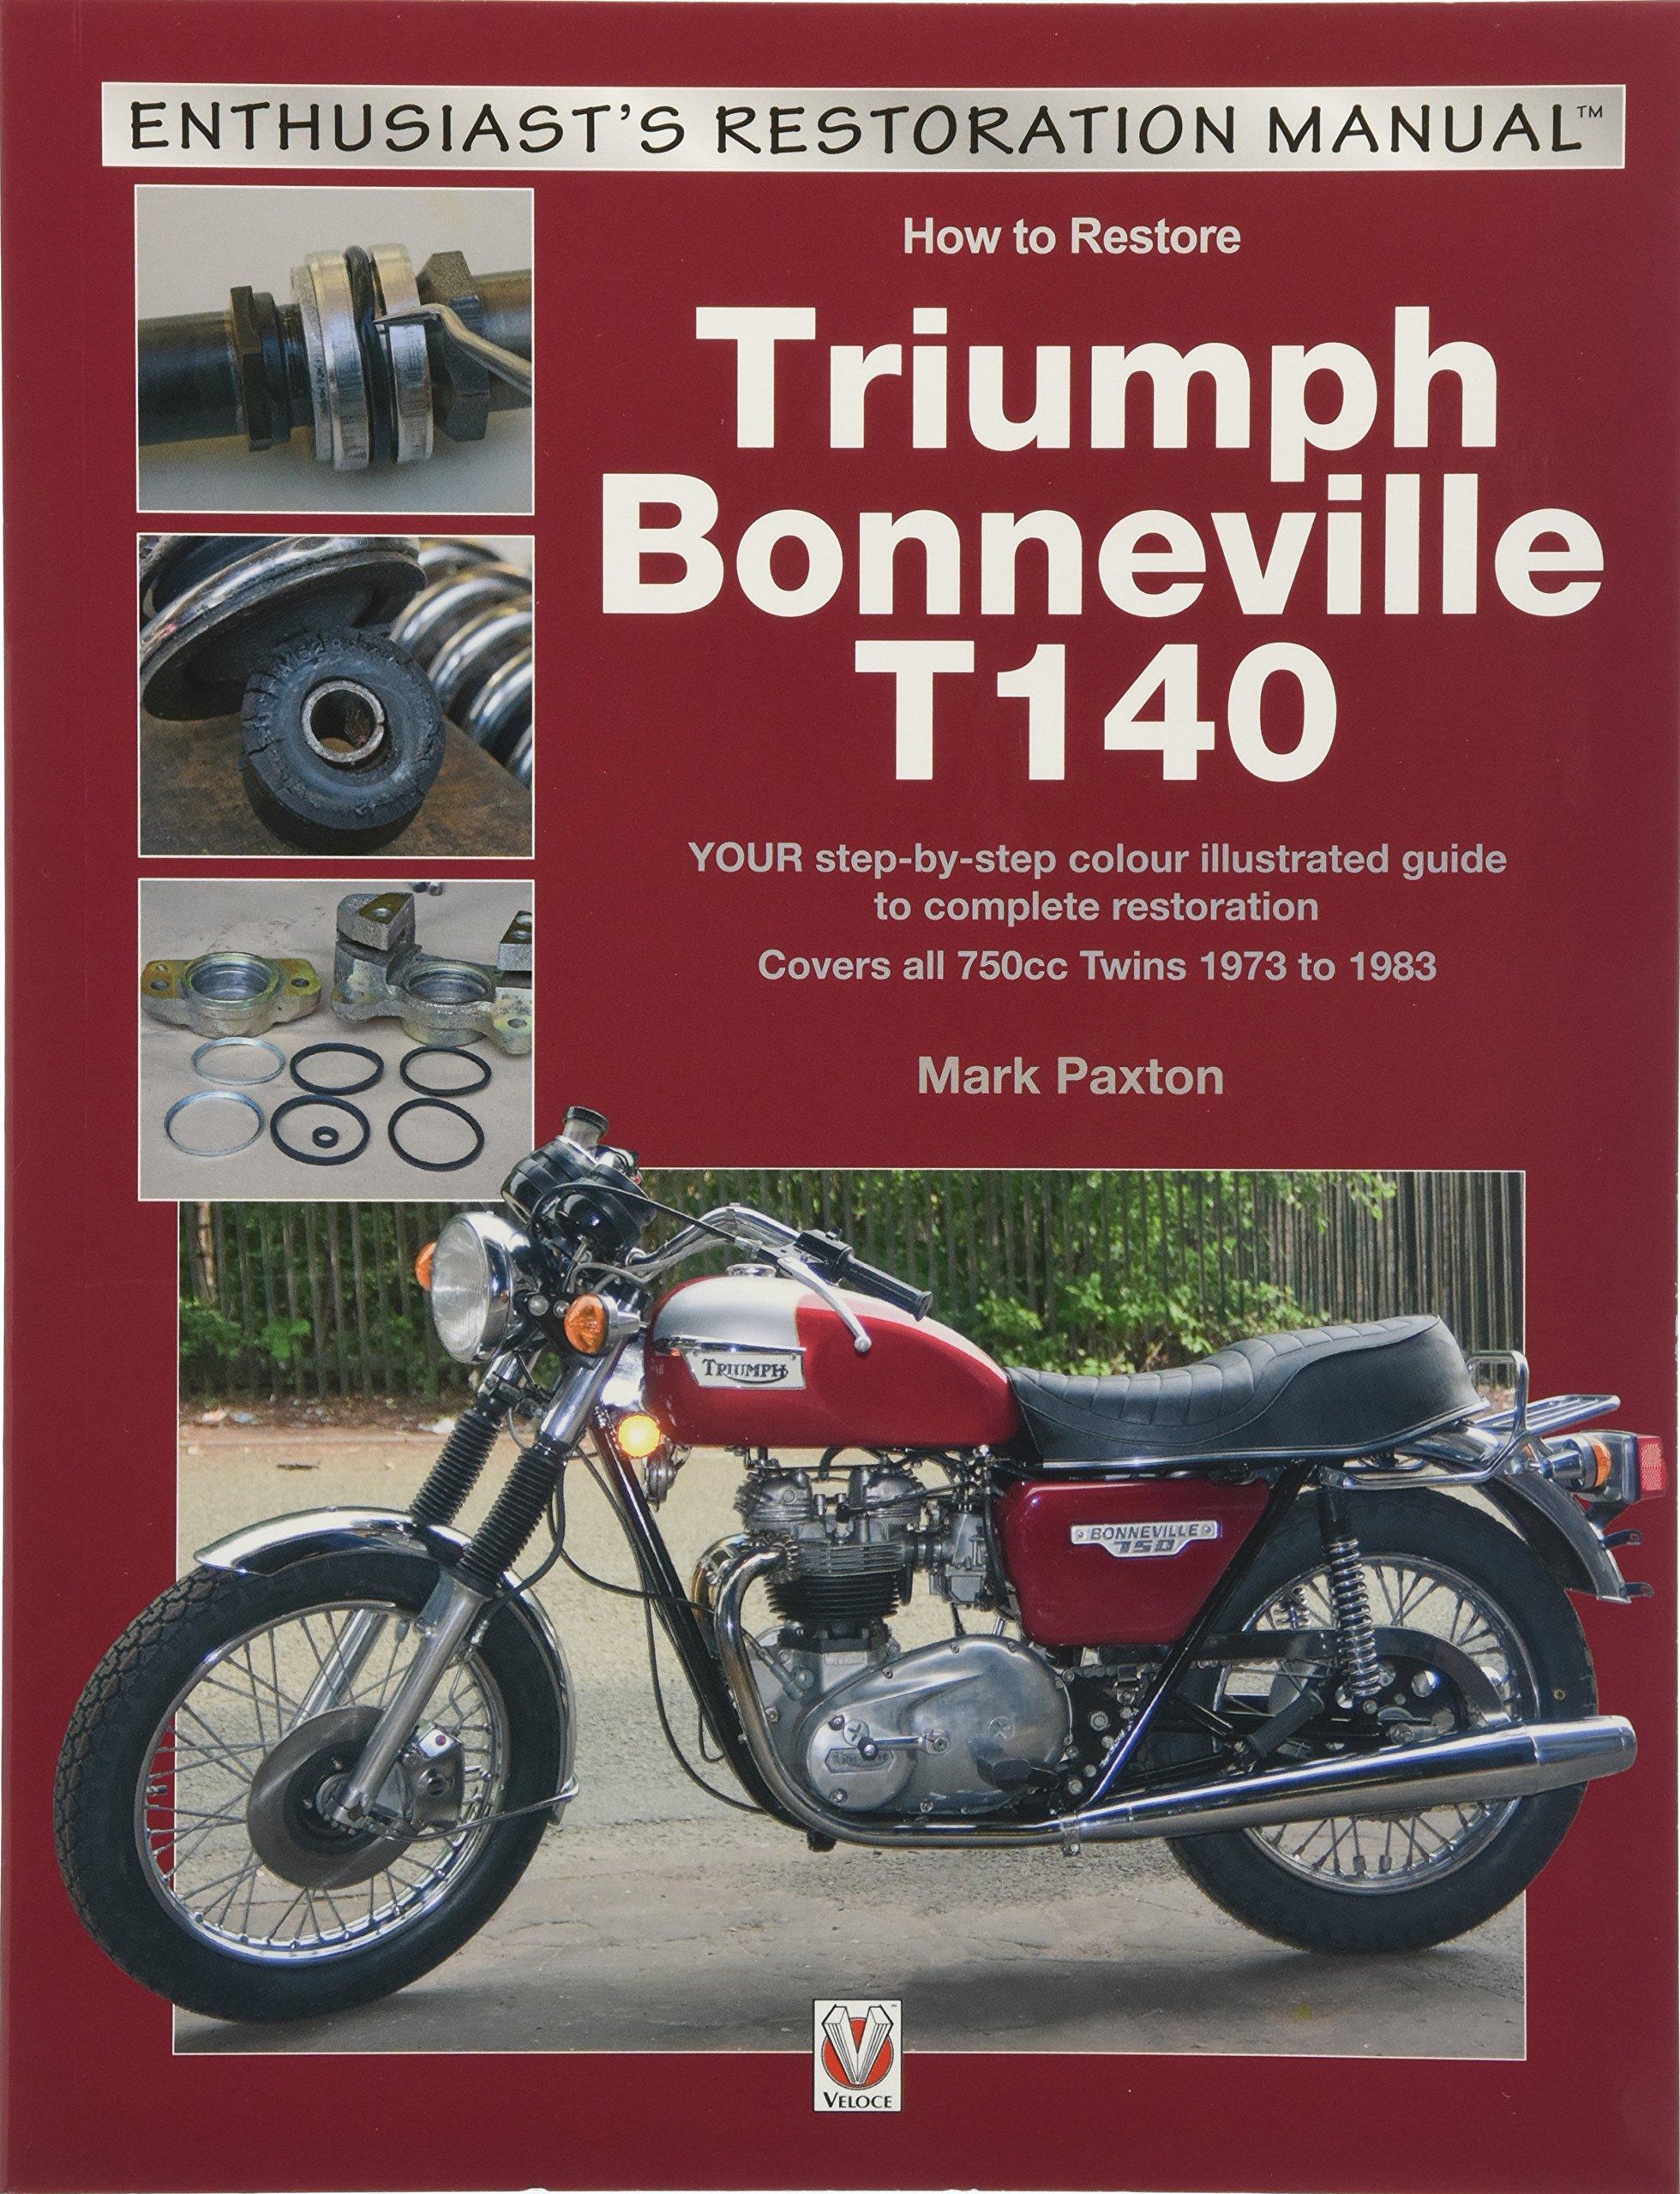 Triumph Bonneville T140 (Enthusiast's Restoration Manual): Mark Paxton:  9781787111493: Amazon.com: Books